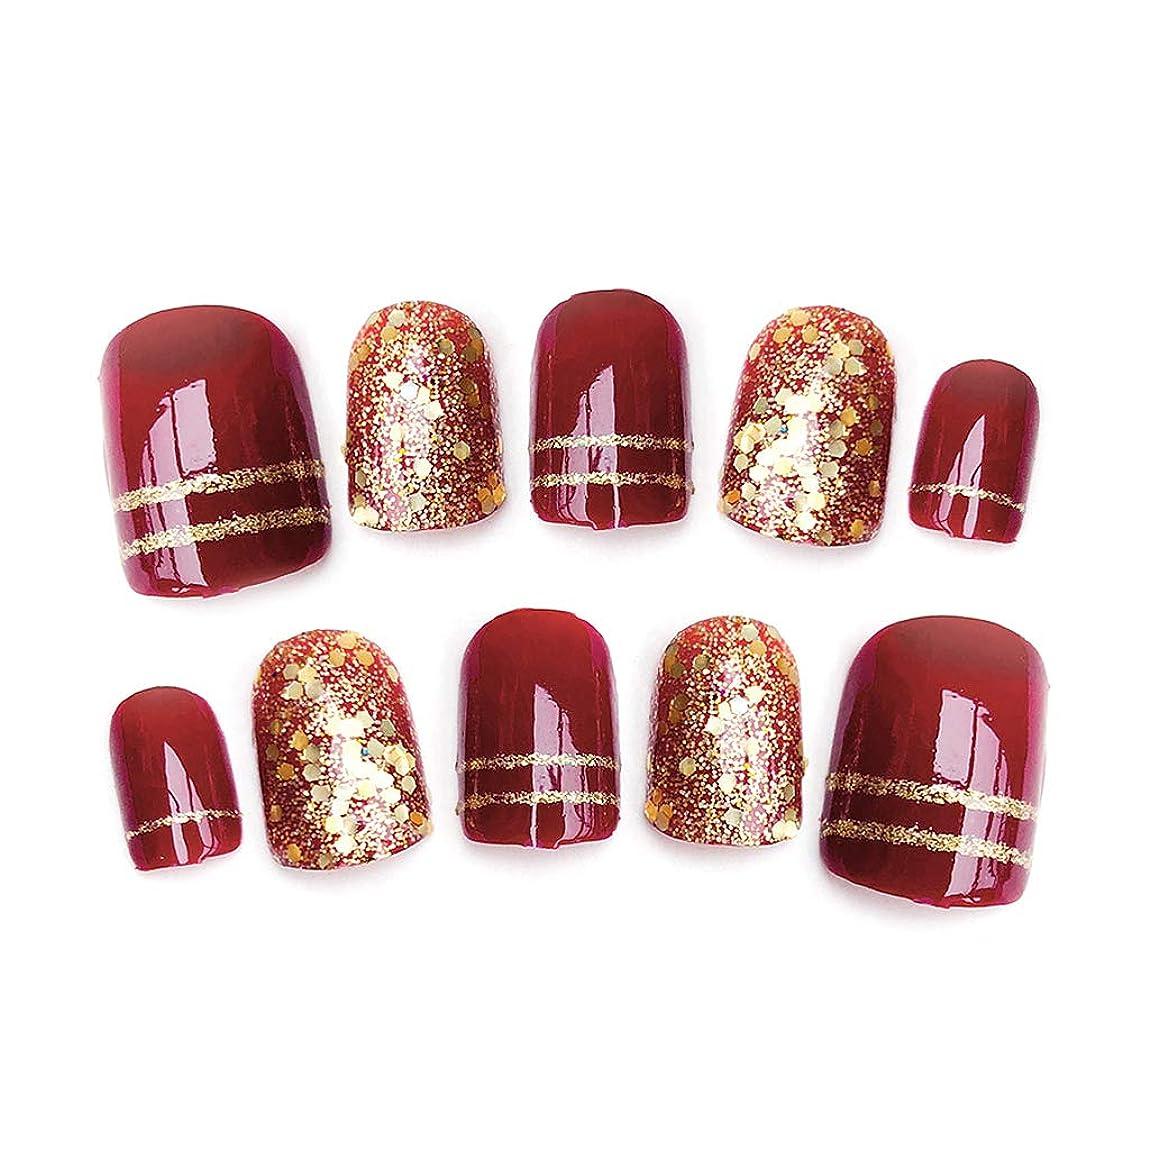 彼らは安西有効なrousZL ネイルステッカー レース,24ピース光沢のある赤い偽指爪光沢のある花嫁結婚式ショートデザイン偽ネイルアートのヒント